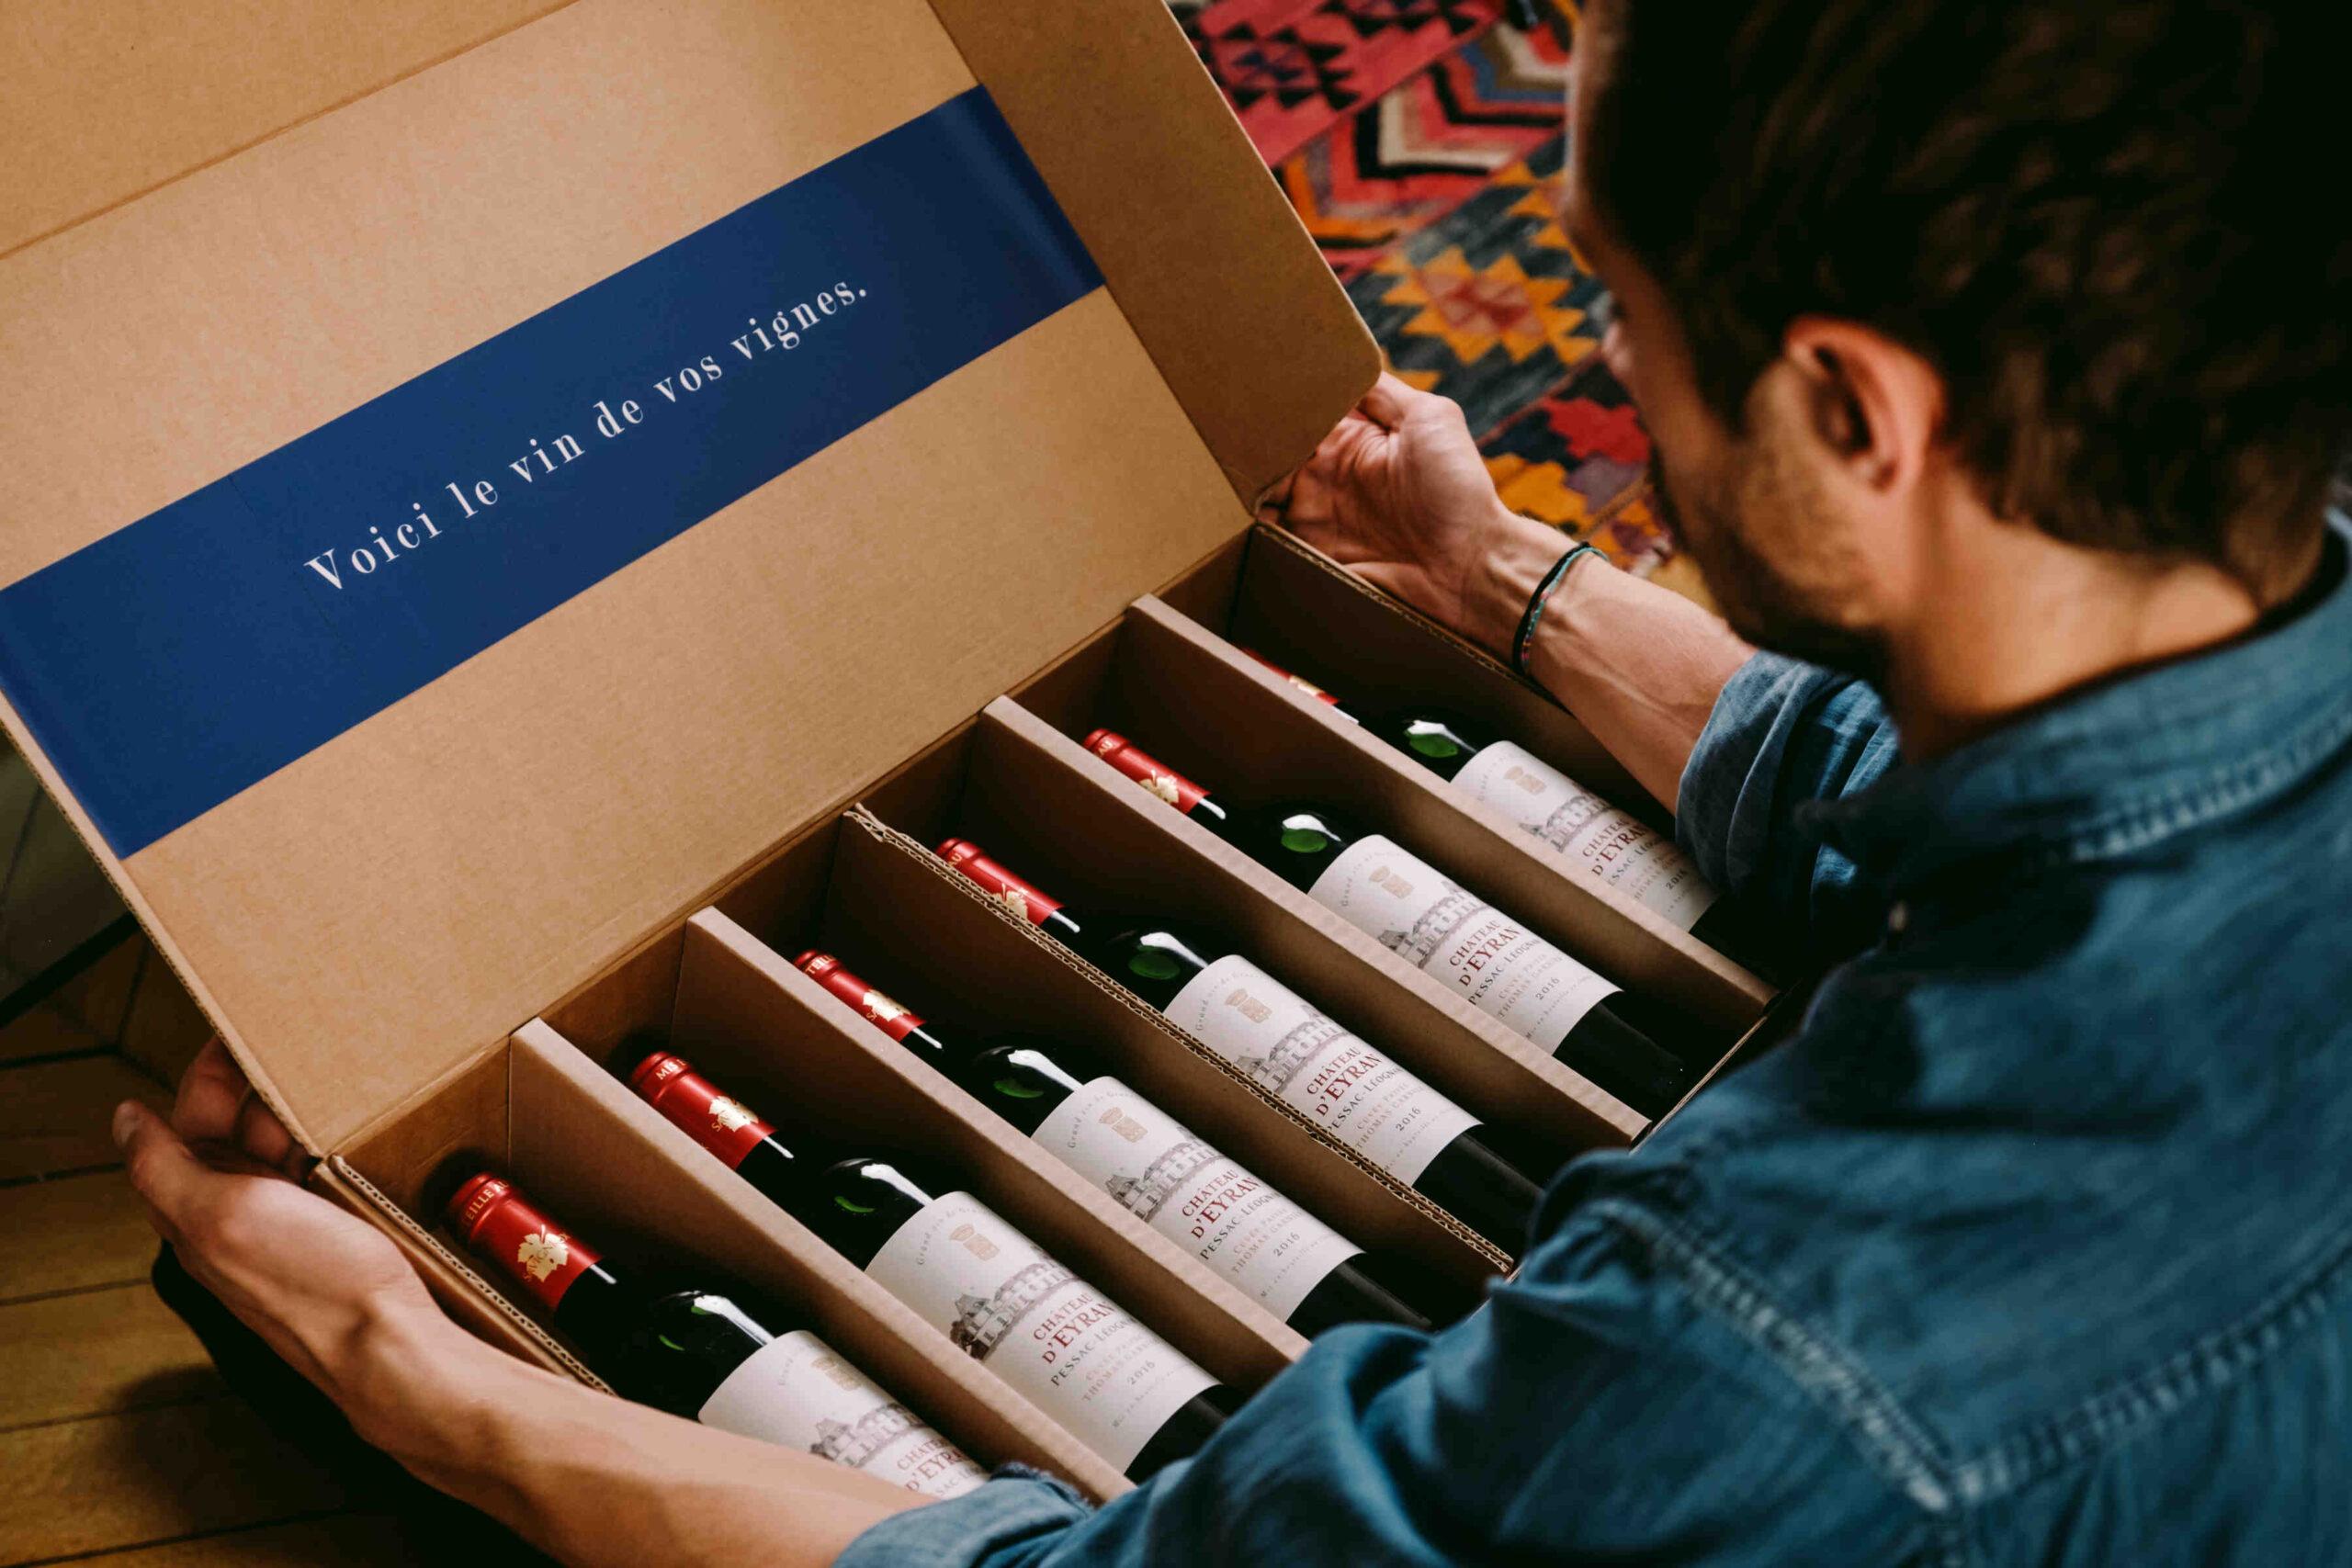 Quel vin offrez-vous lorsque vous êtes invité?